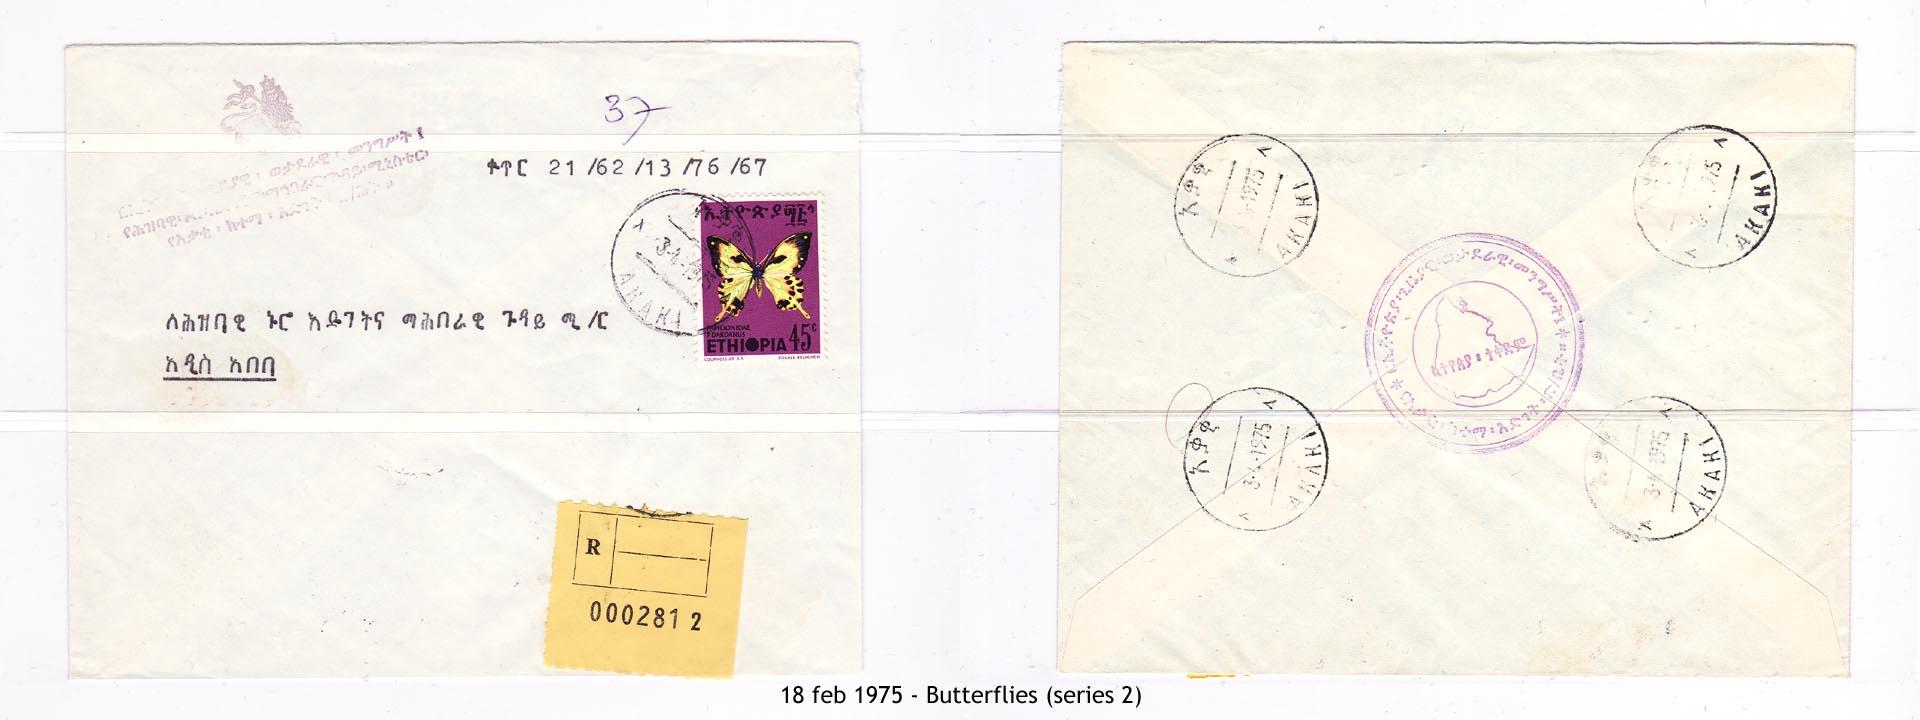 19750218 - Butterflies (series 2)